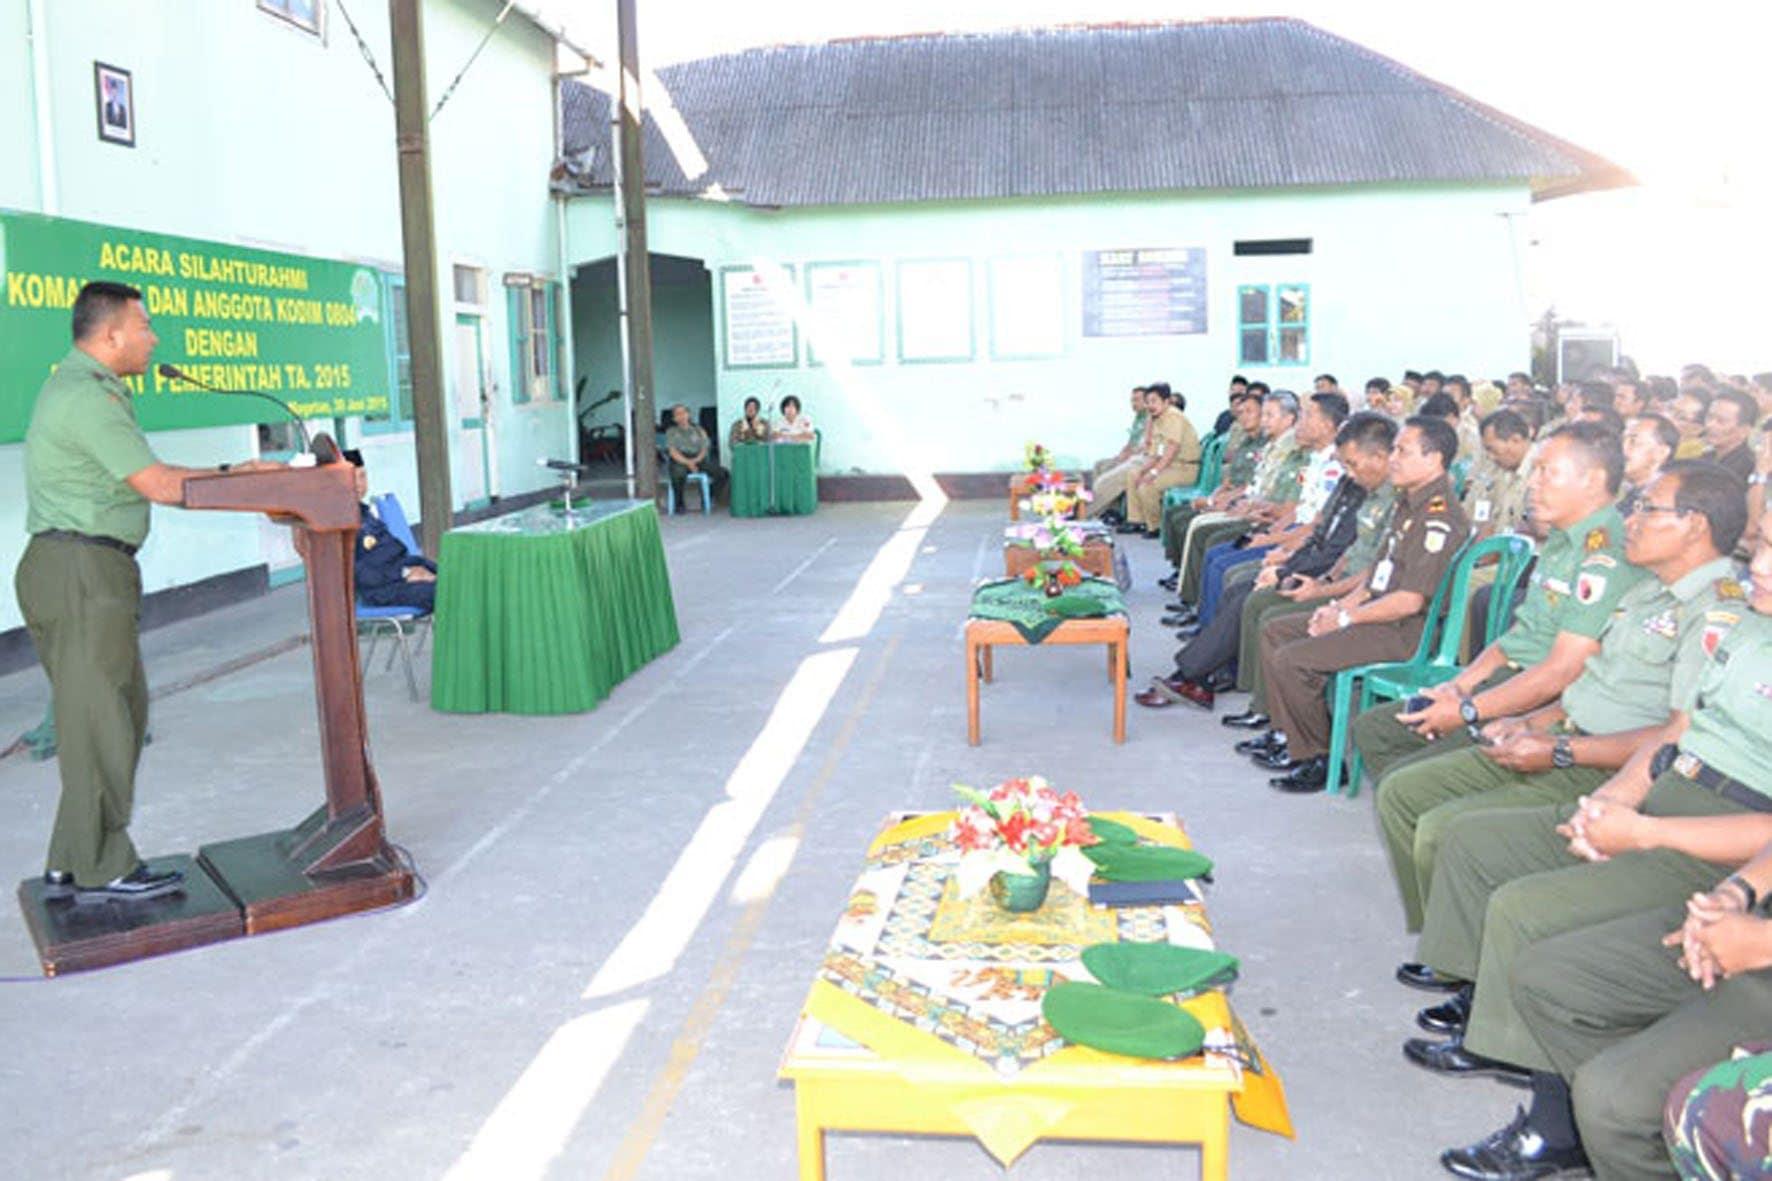 Dandim beri sambutan pada acara Komsos dengan Aparat Pemerintah Kab. Magetan (1)